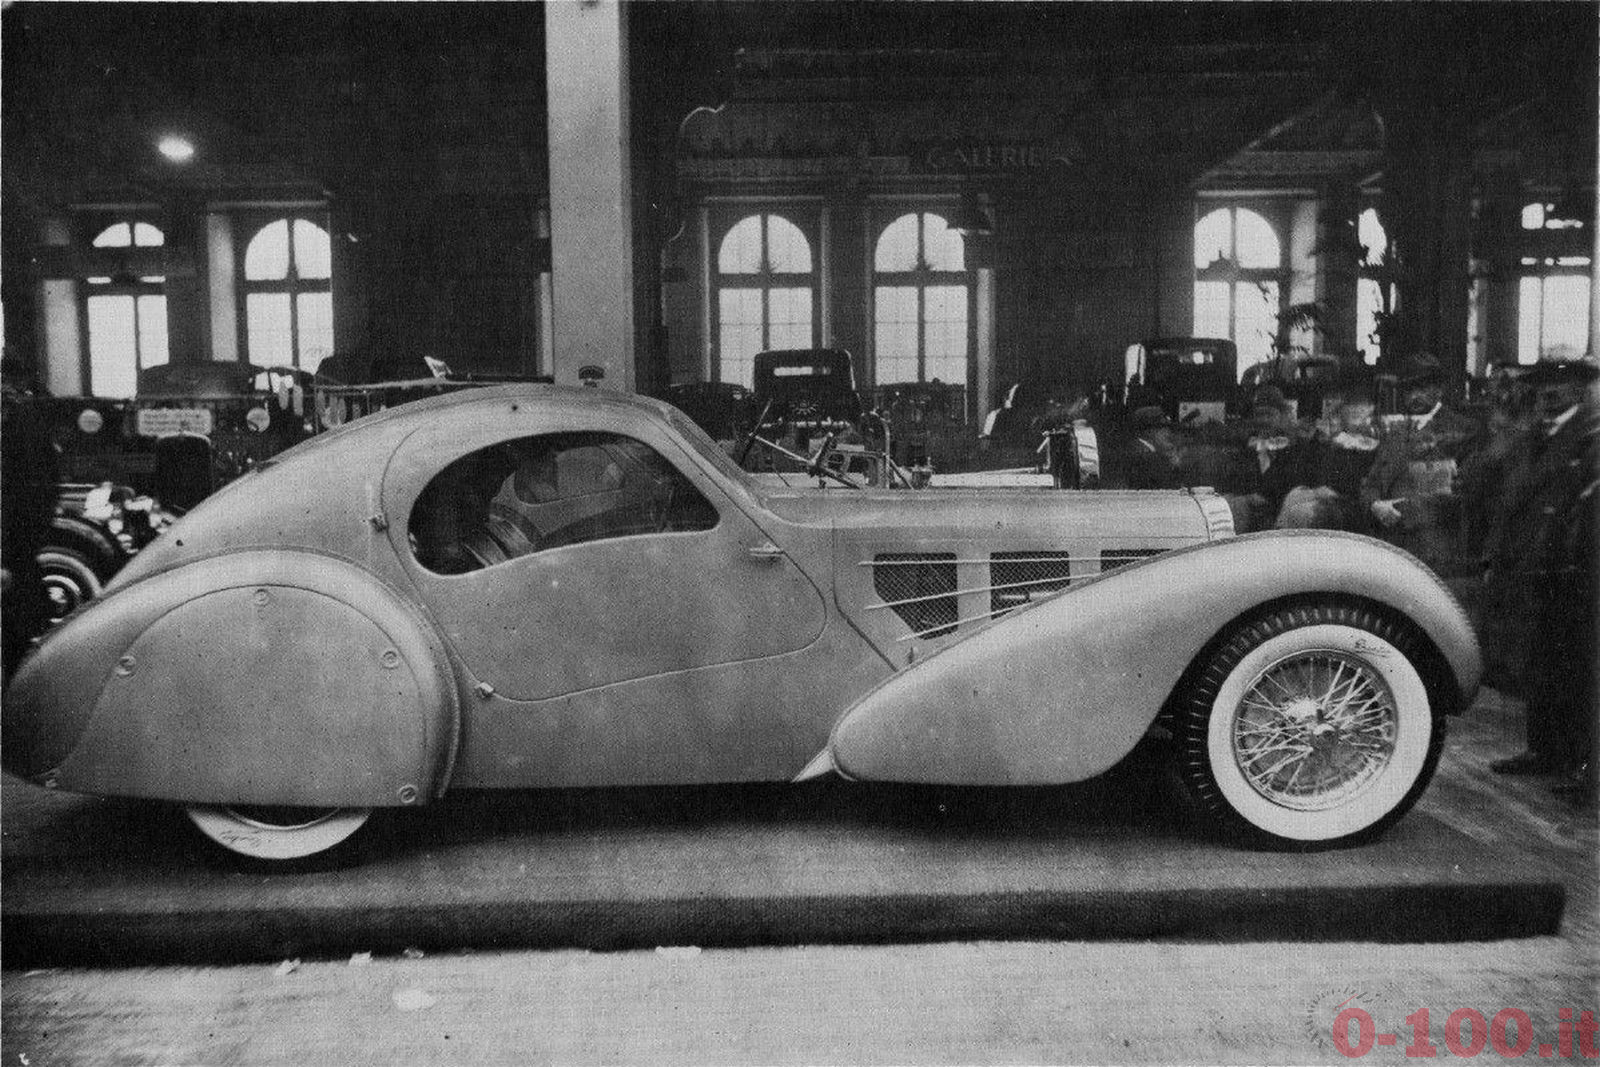 Bugatti_Type_57_Aerolithe_electron_1935_3